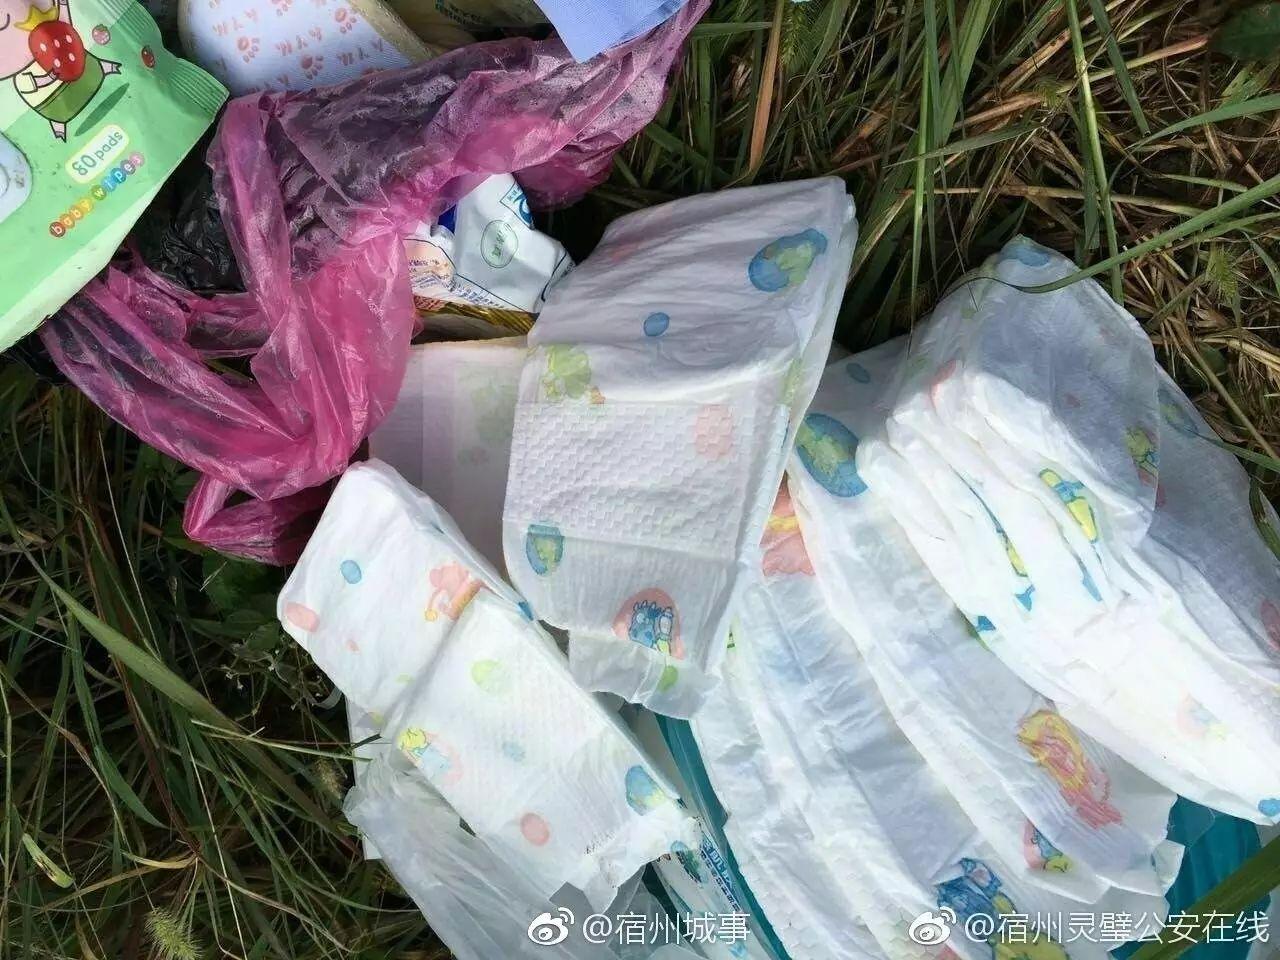 家人遗弃婴儿的行为派出所已受案调查,仅有线索是孩子曾经在徐州四院图片